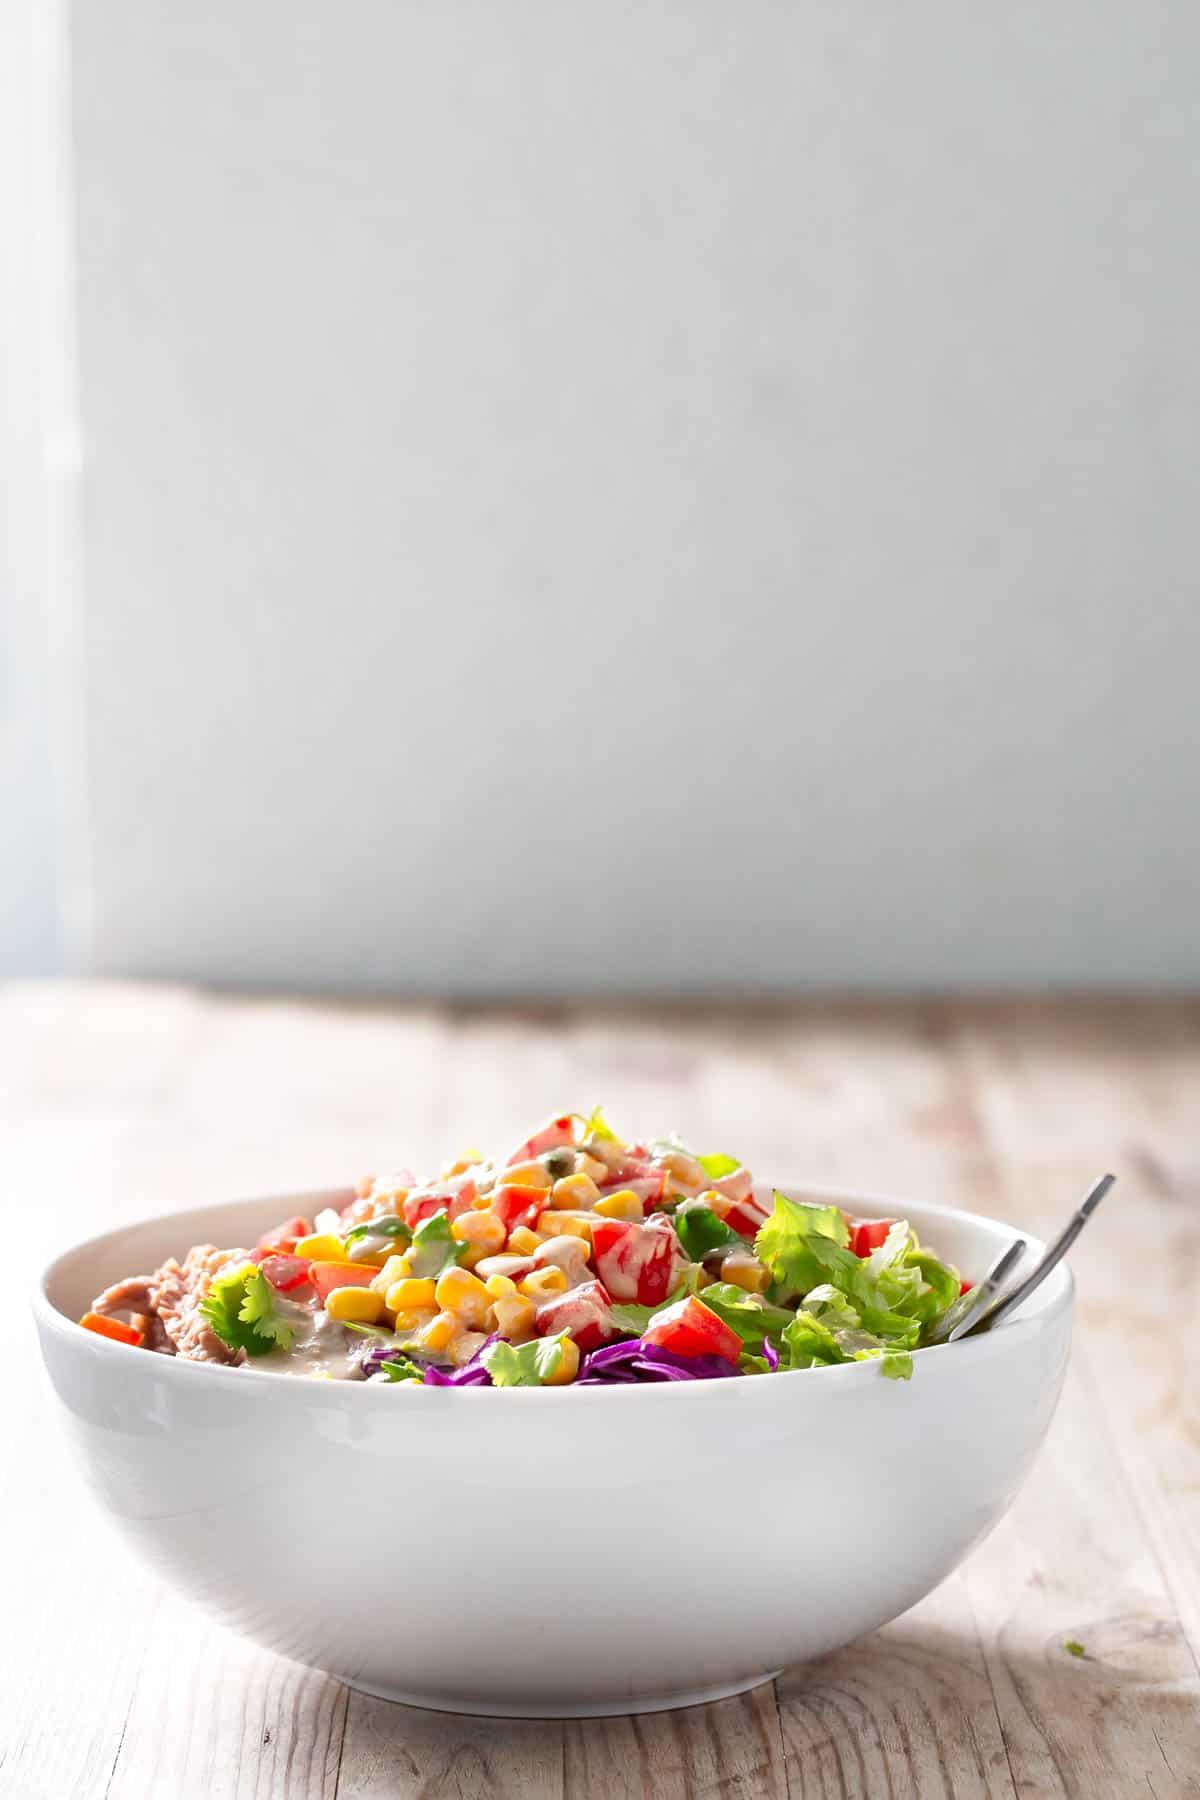 Burrito Vegano en Bol.- Esta receta es una alternativa al burrito tradicional. Es perfecta para aprovechar sobras y restos de verduras y para llevar al trabajo.